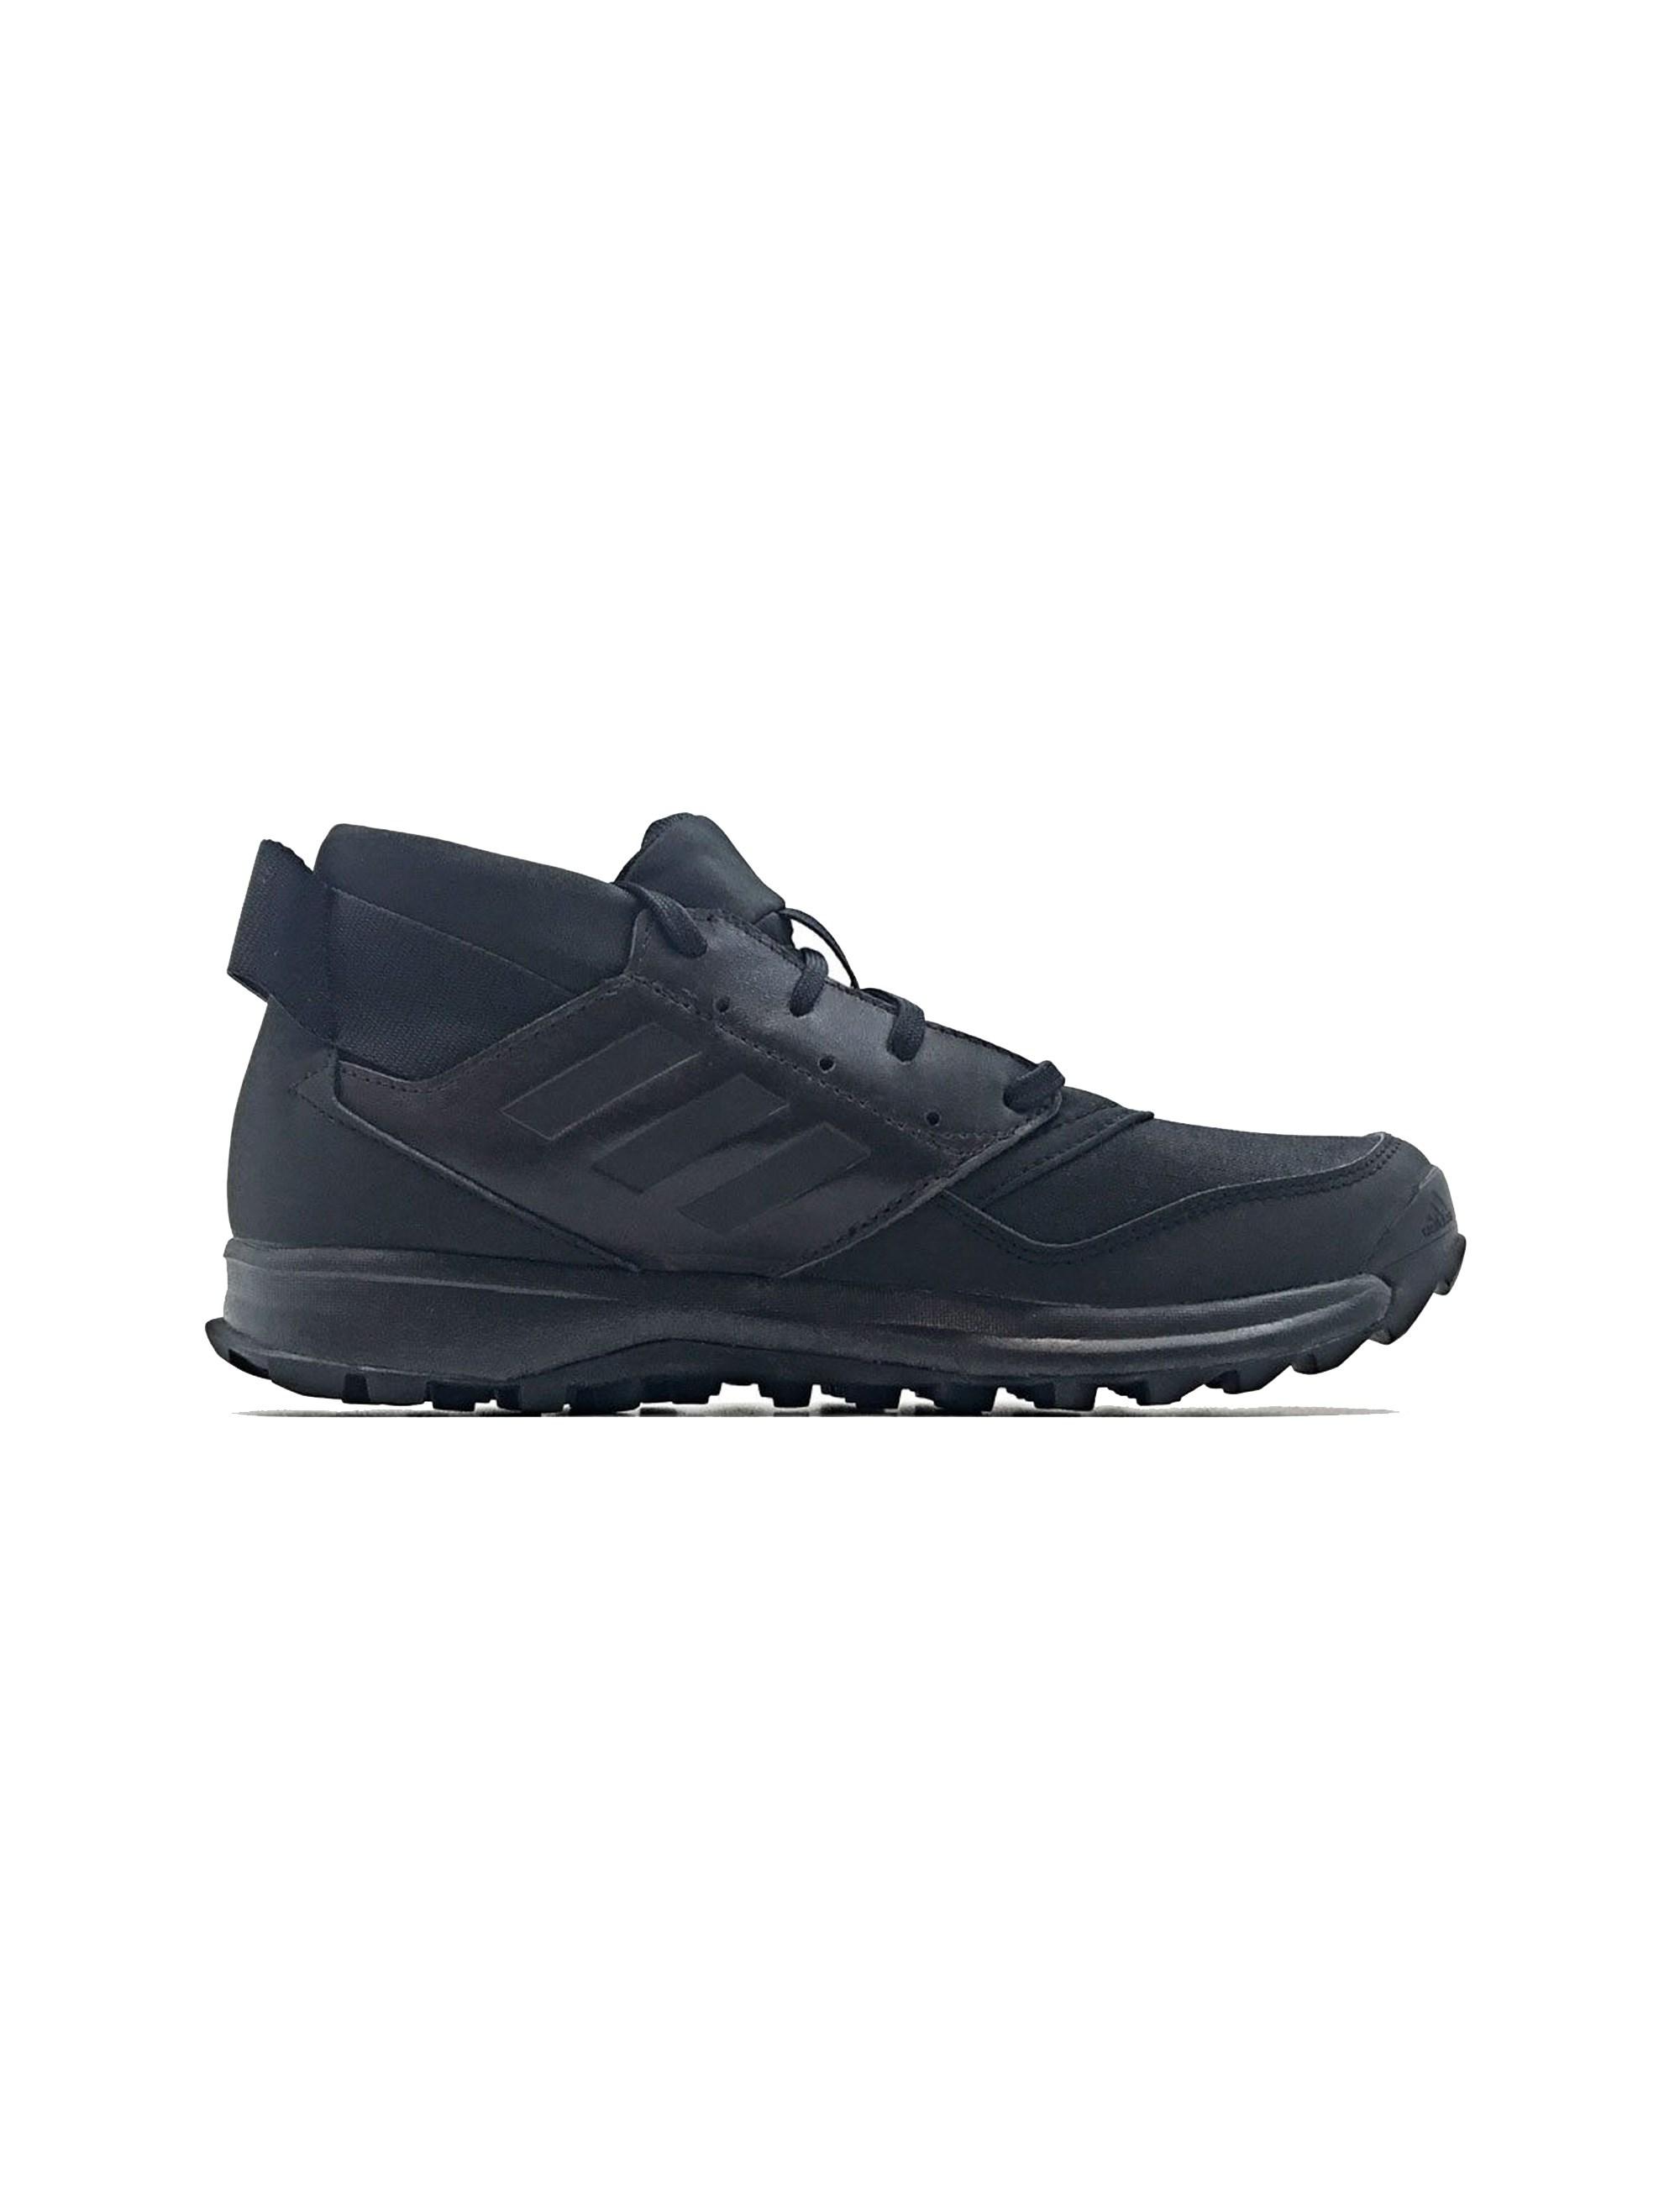 کفش کوهنوردی بندی مردانه TERREX Noket Mid - آدیداس - مشکي - 1